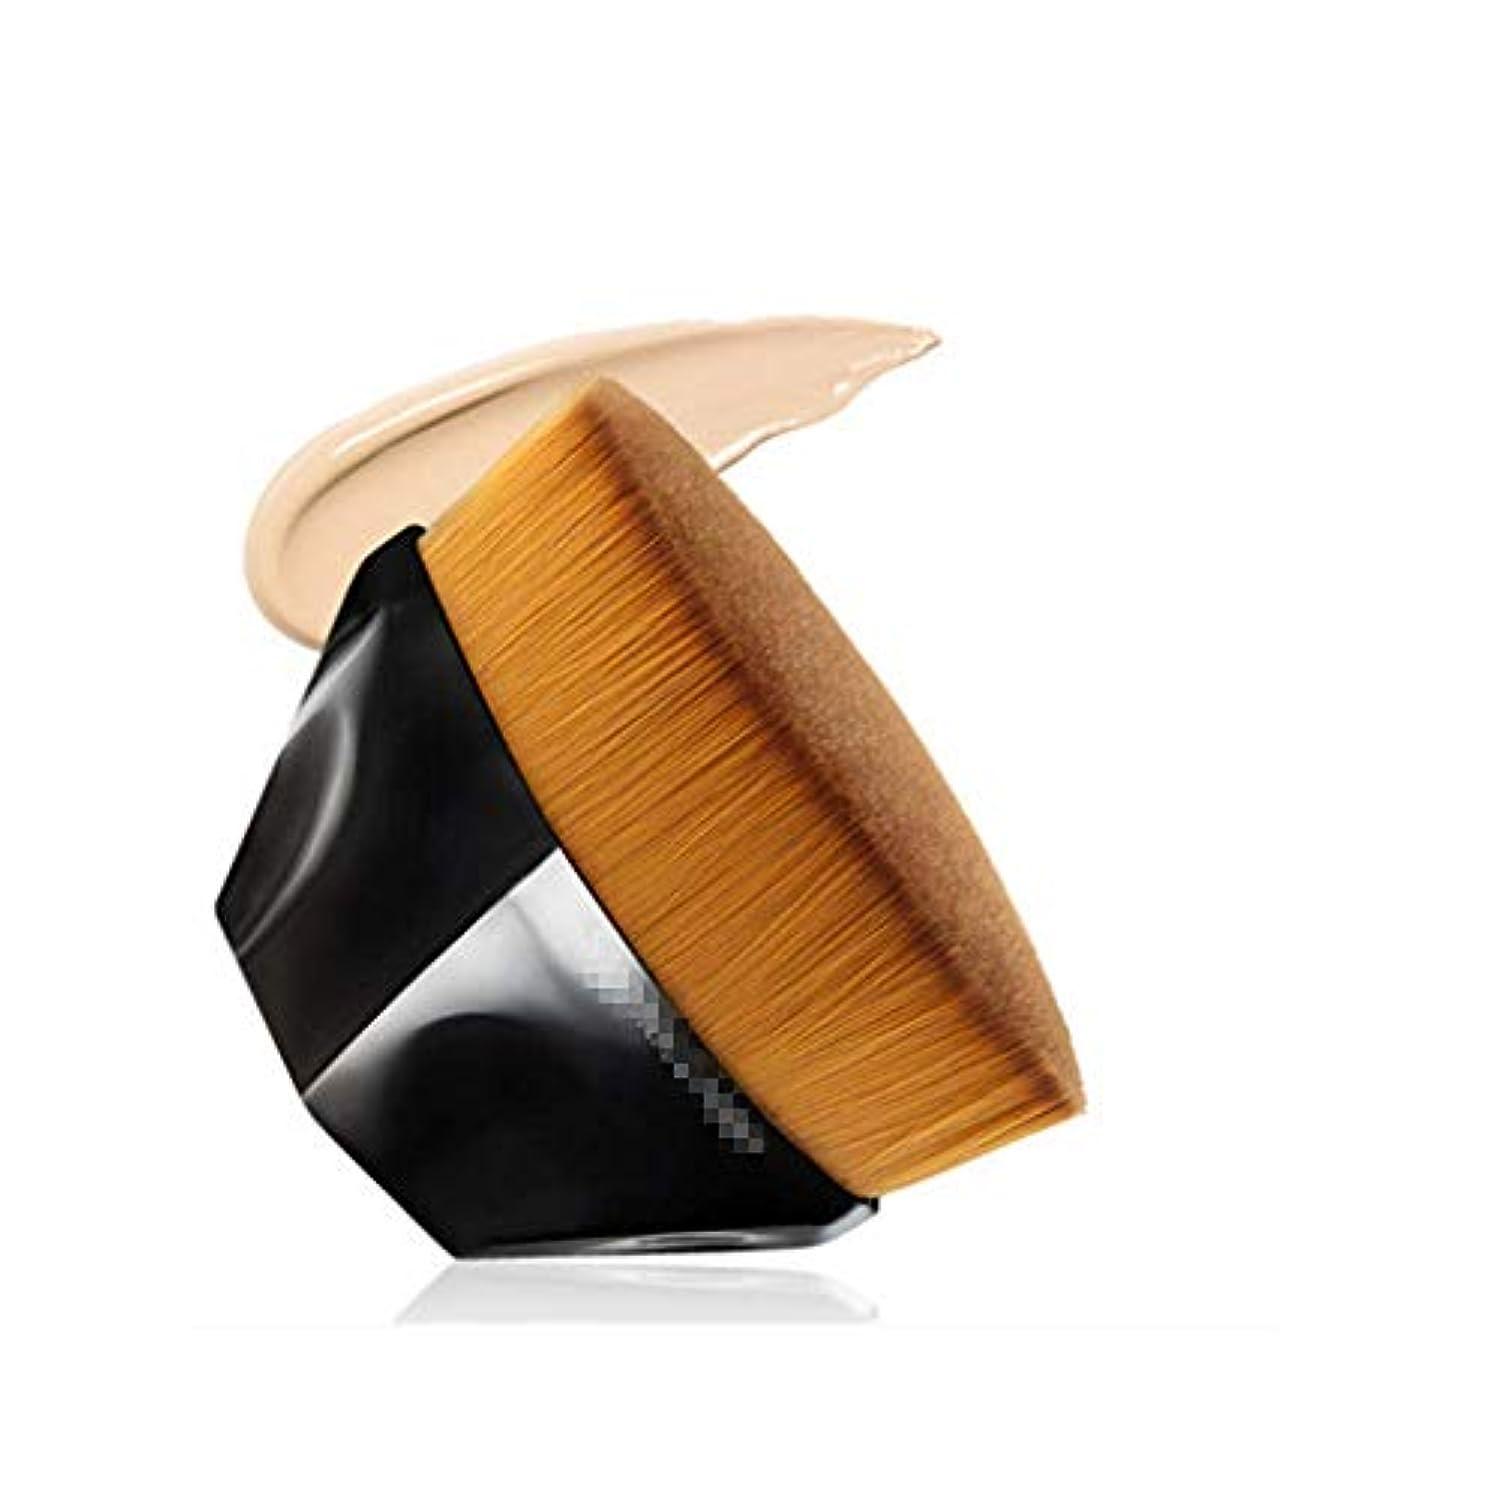 取る分散樫の木ペタル ファンデーション ブラシ ベース ブラシ (ブラック)